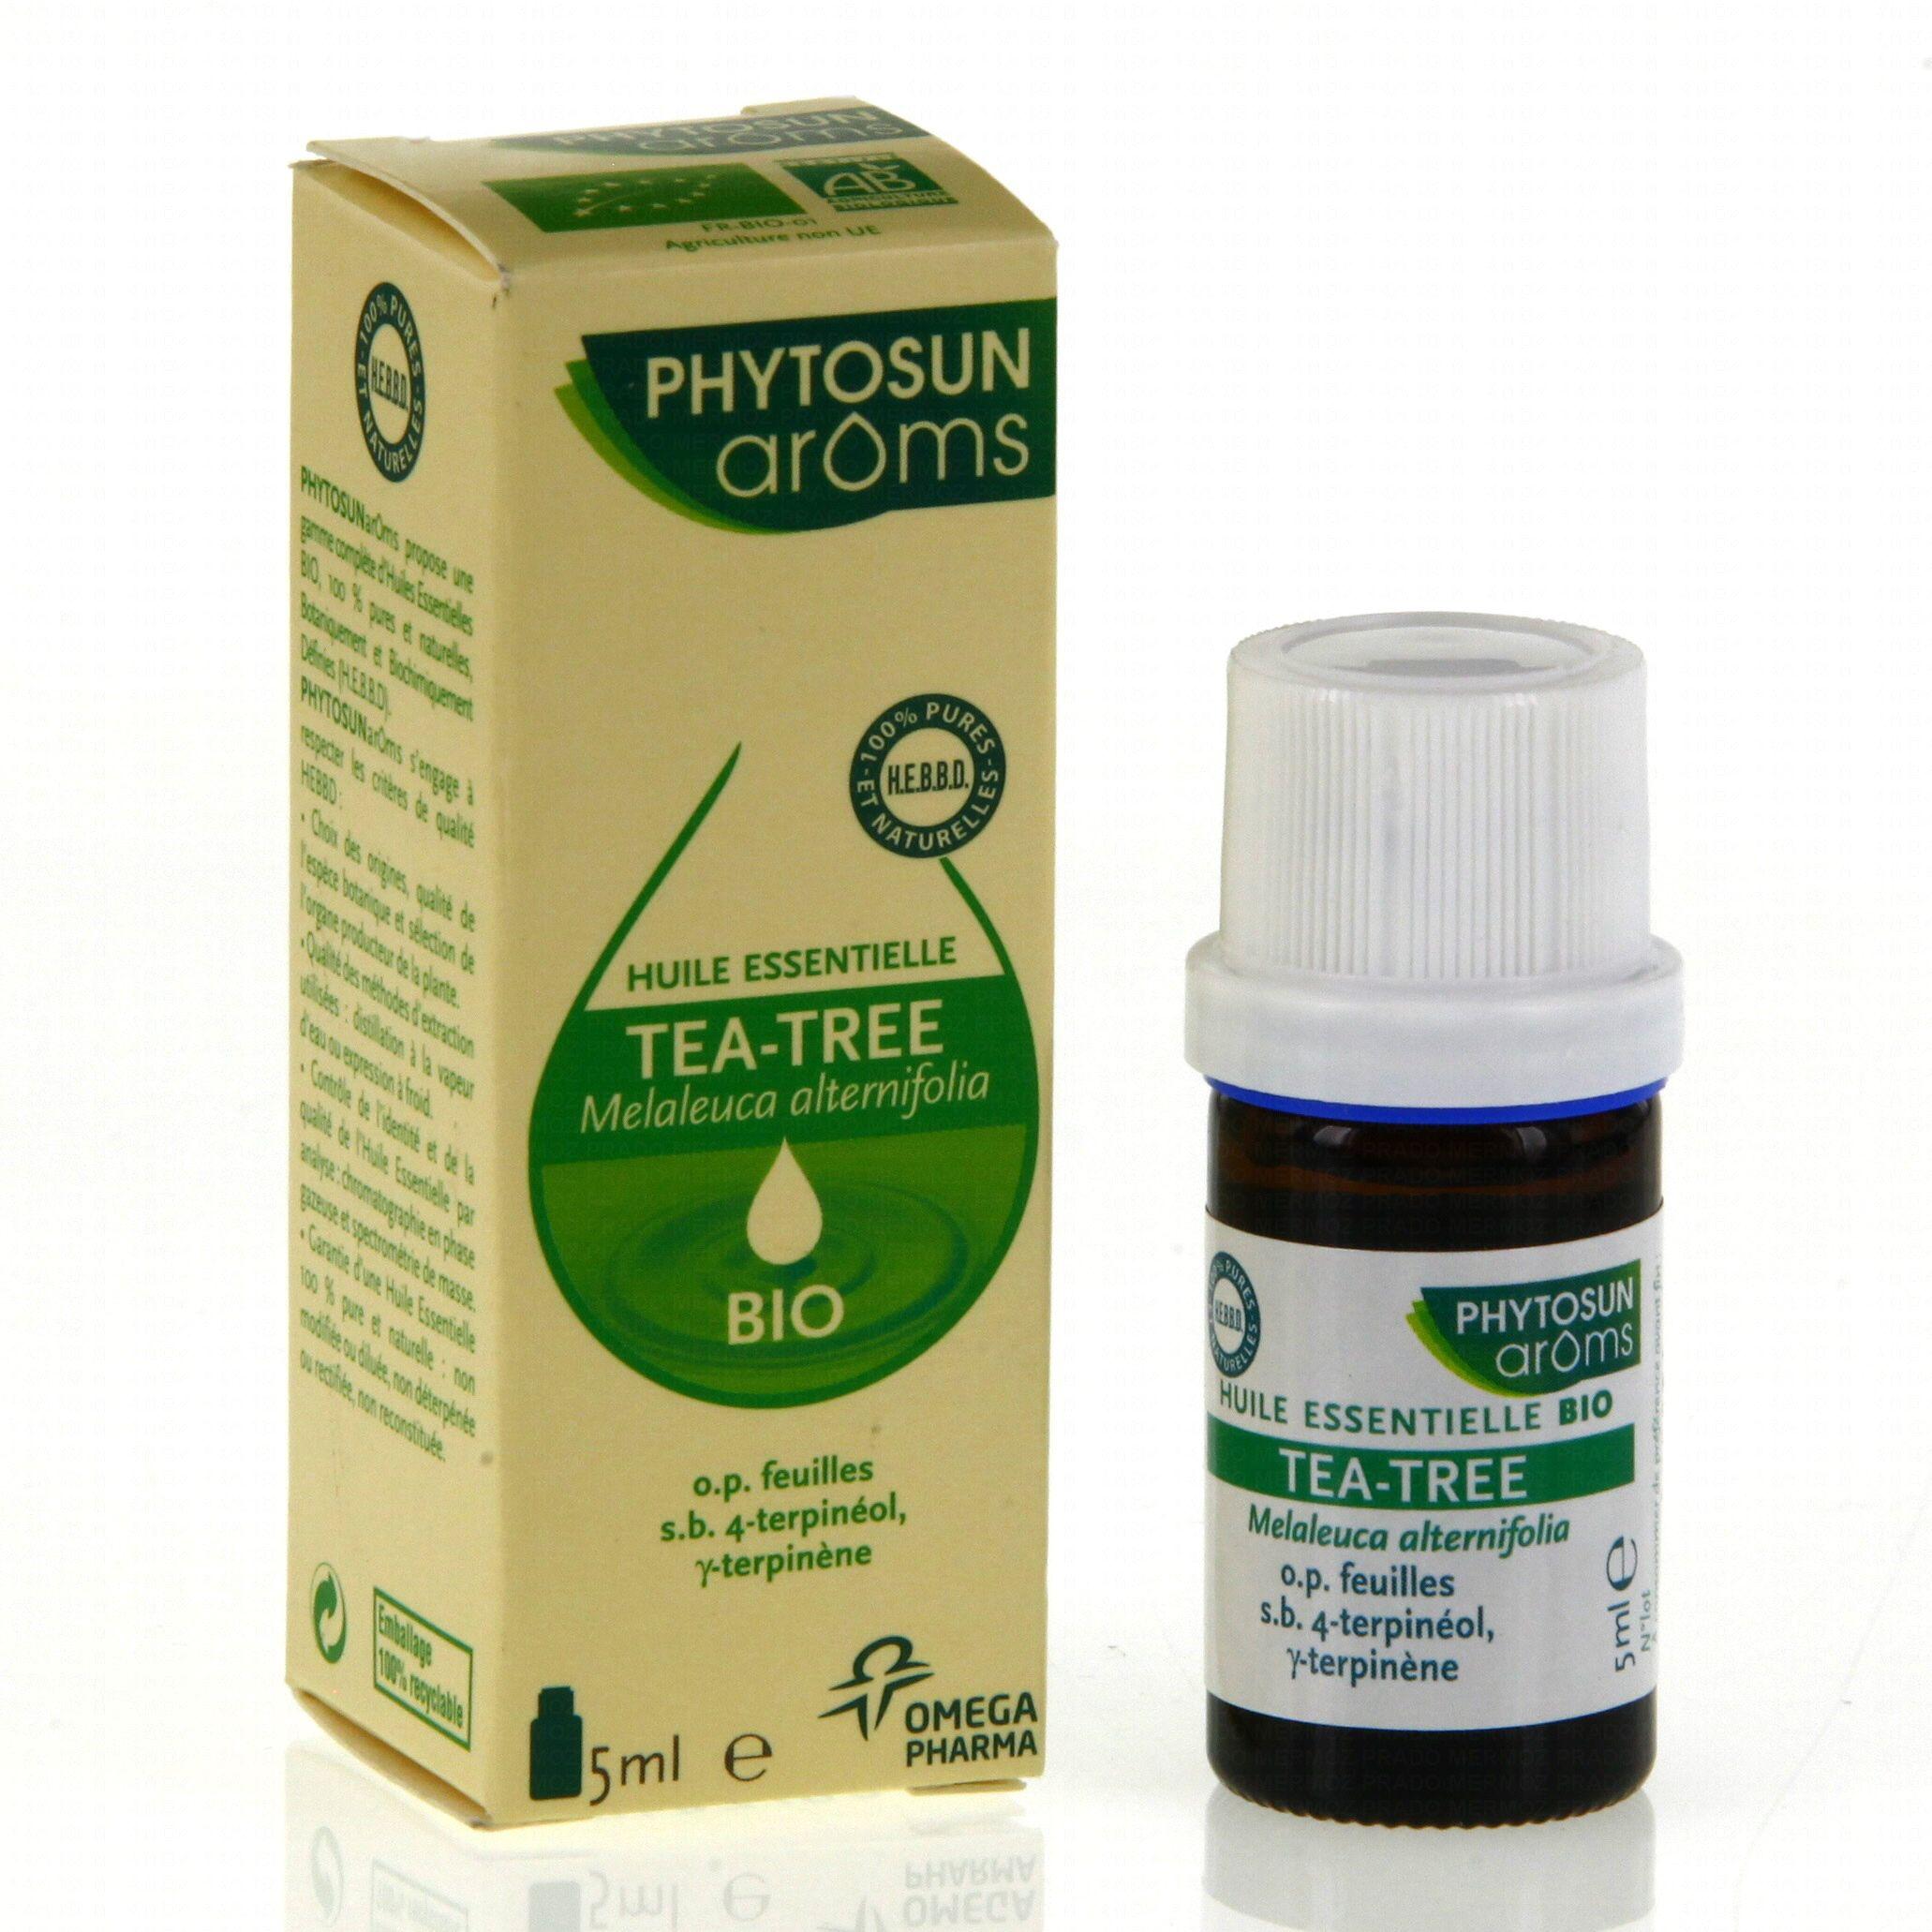 Phytosun aroms huile essentielle tea tree bio flacon 5ml pharmacie en ligne prado mermoz - Huile essentielle tee tree ...